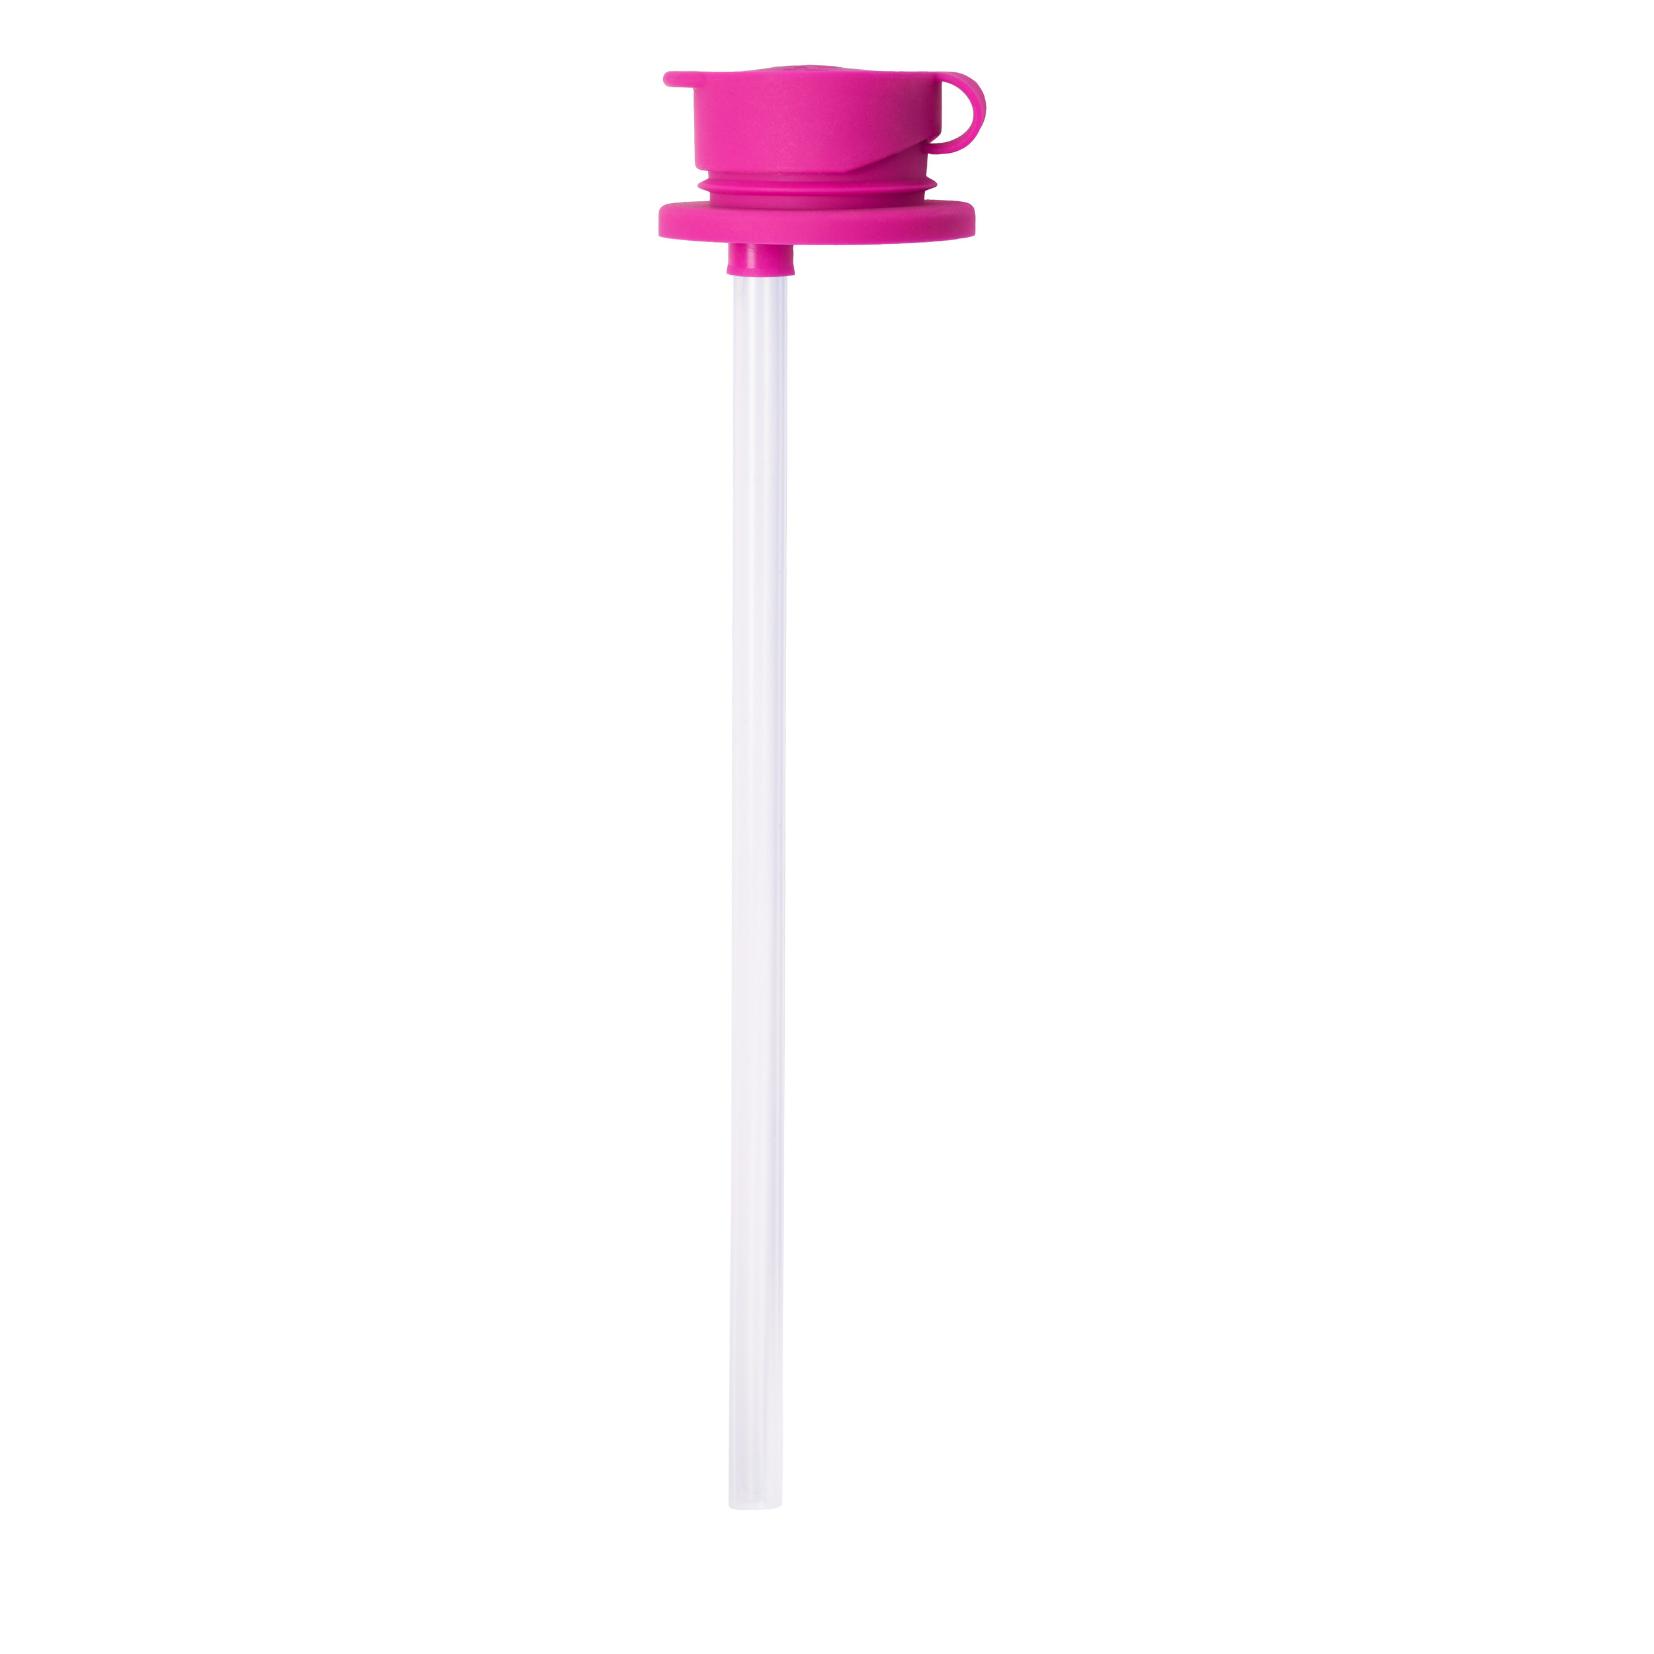 Силиконовая крышка c трубочкой для бутылочки Pura розовый